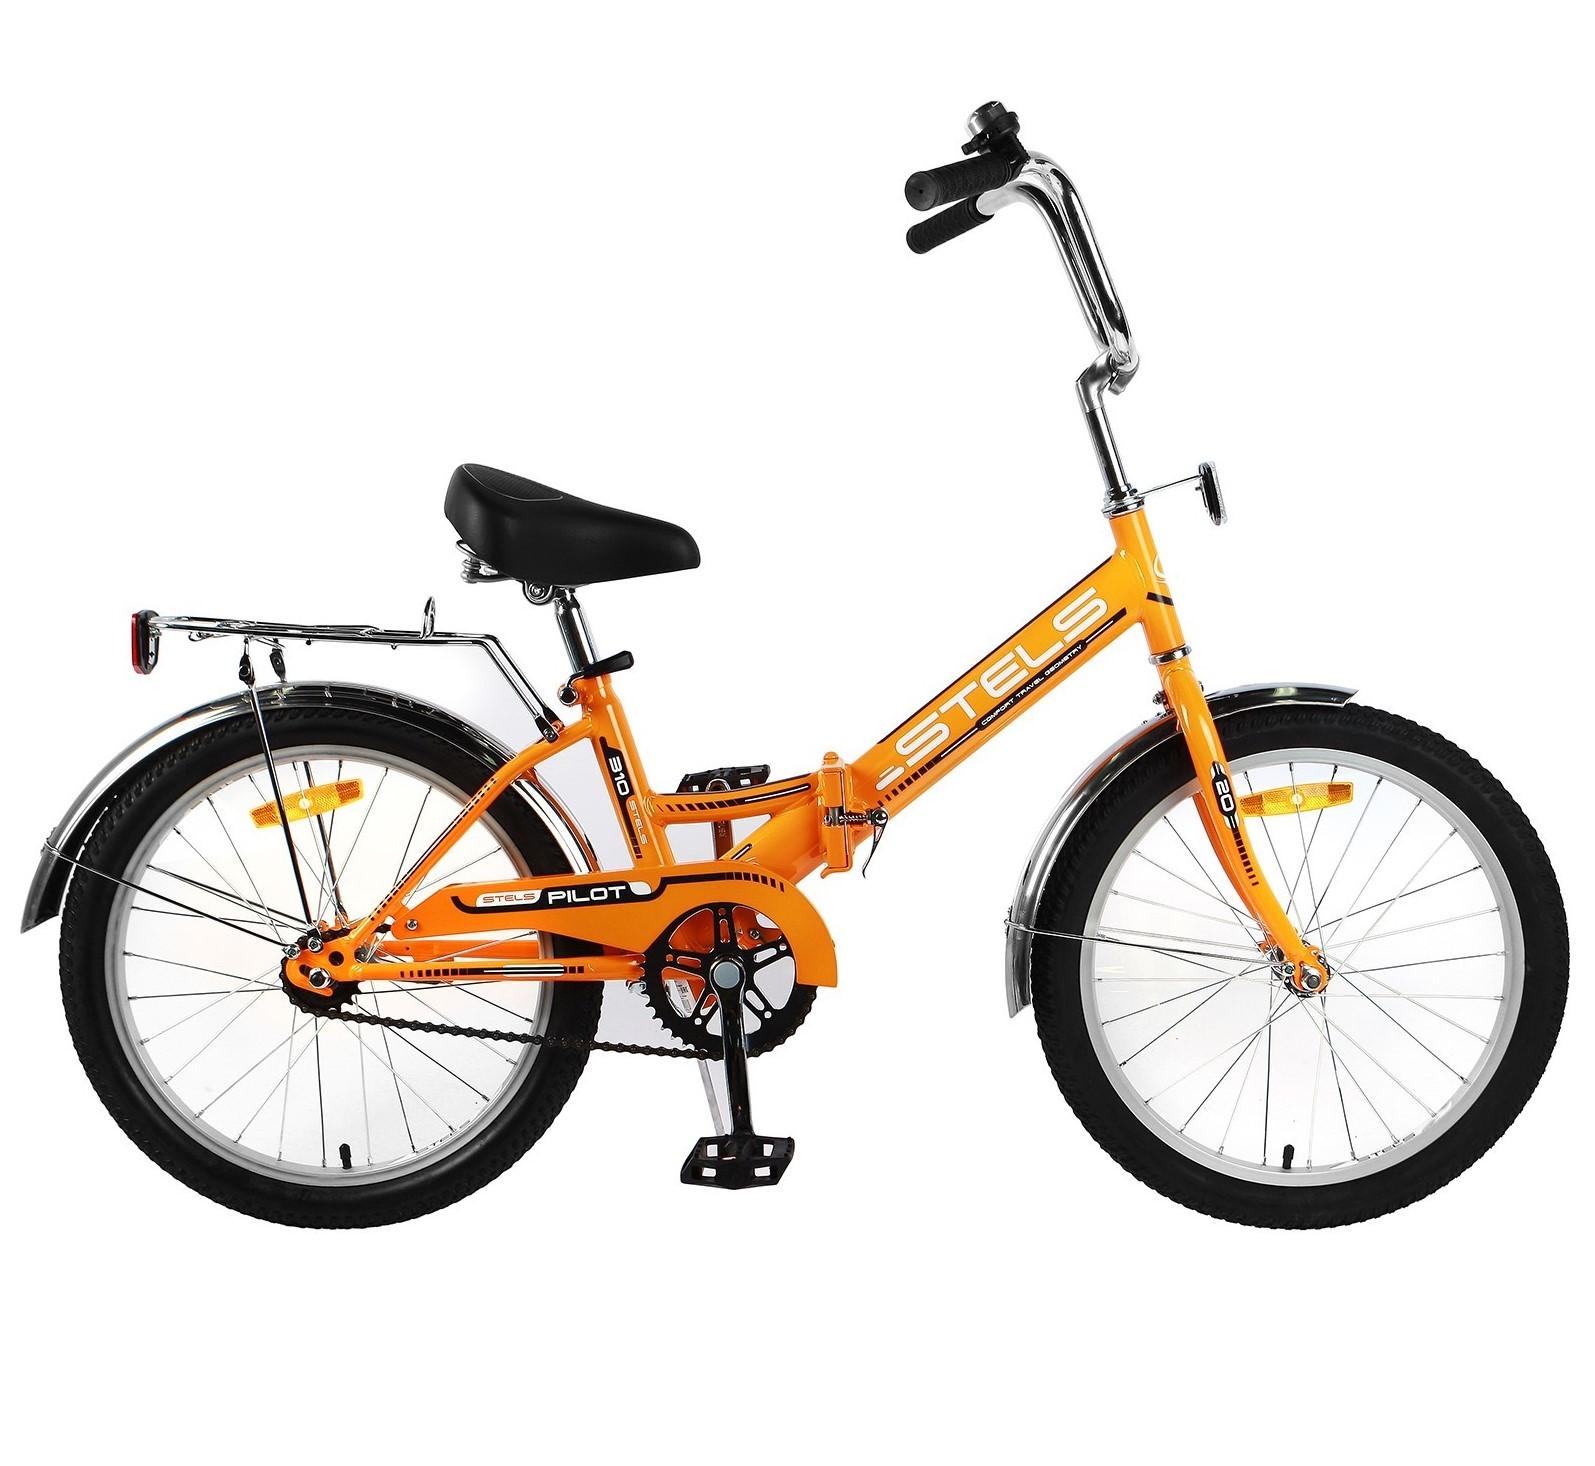 все цены на Велосипед Stels Pilot-310, оранжевый онлайн